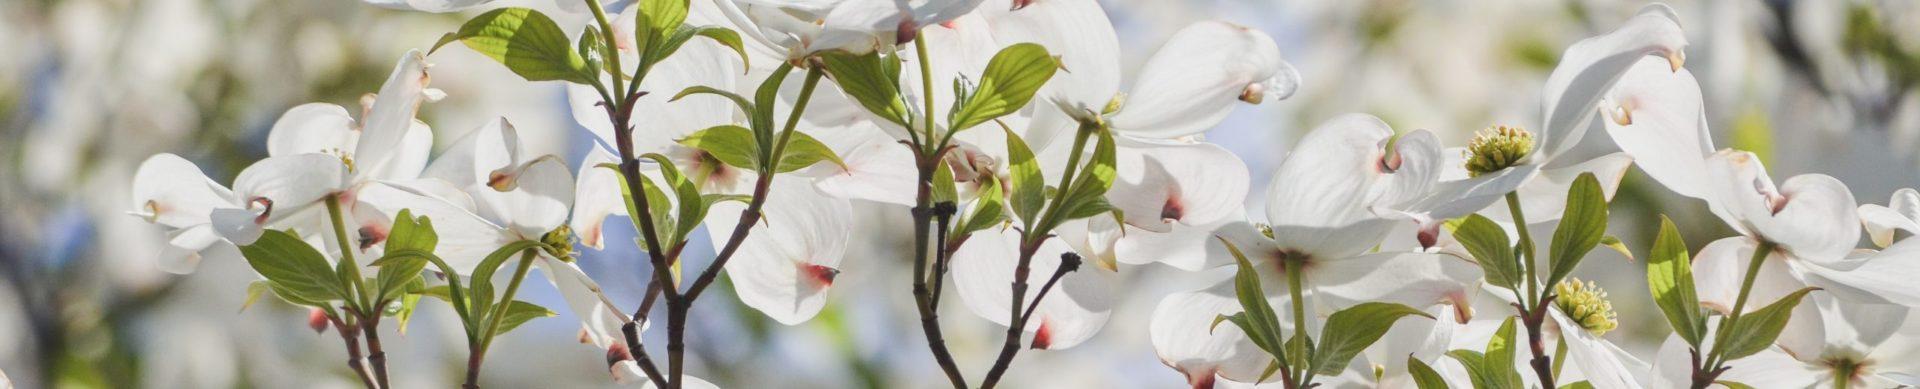 flower-4 dogwoods